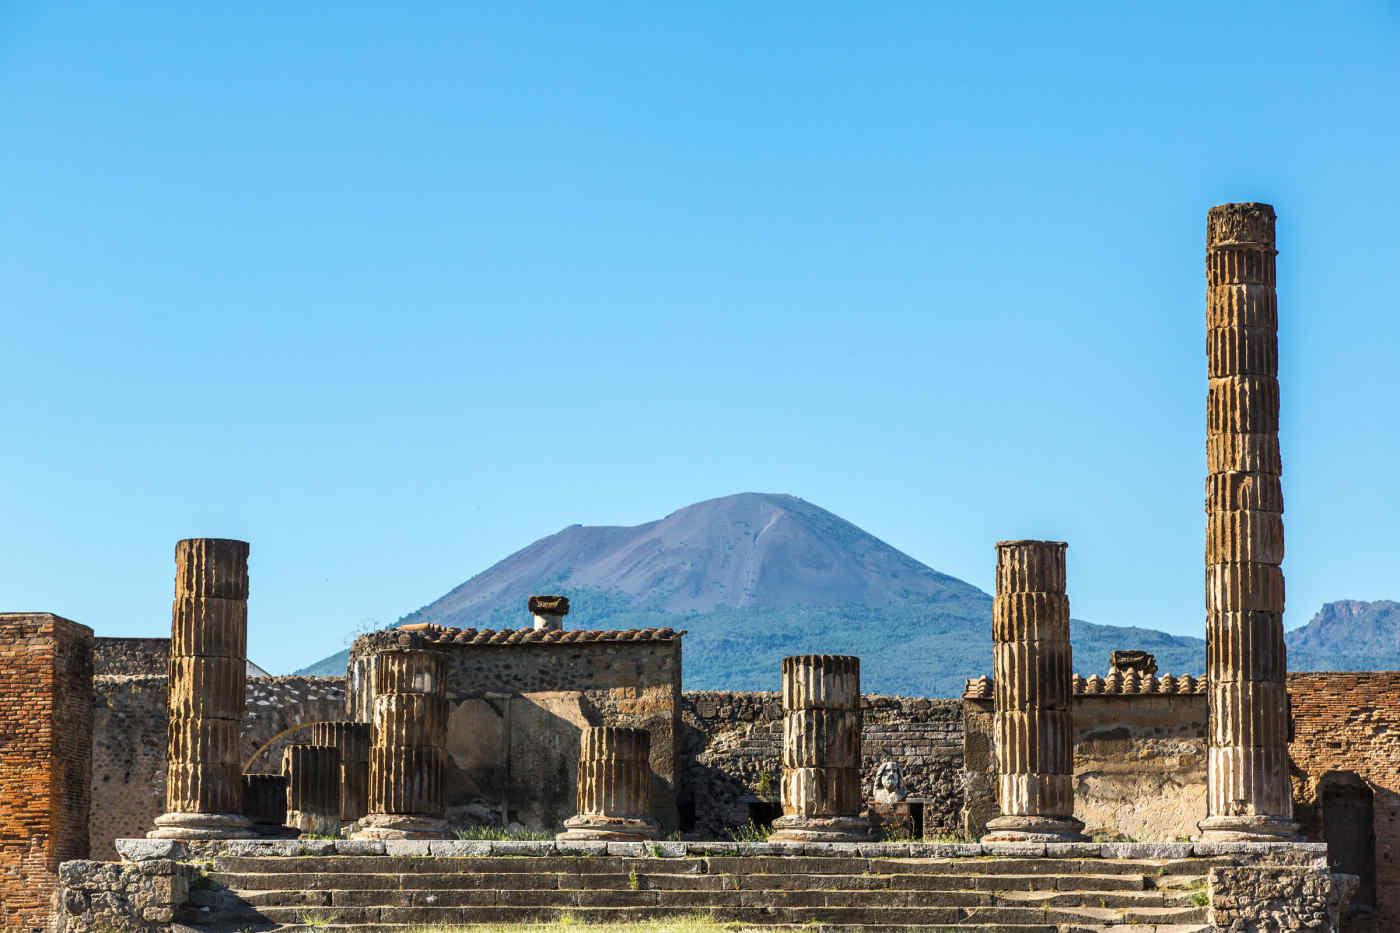 Visit Mt. Vesuvius and the ruins of Pompeii